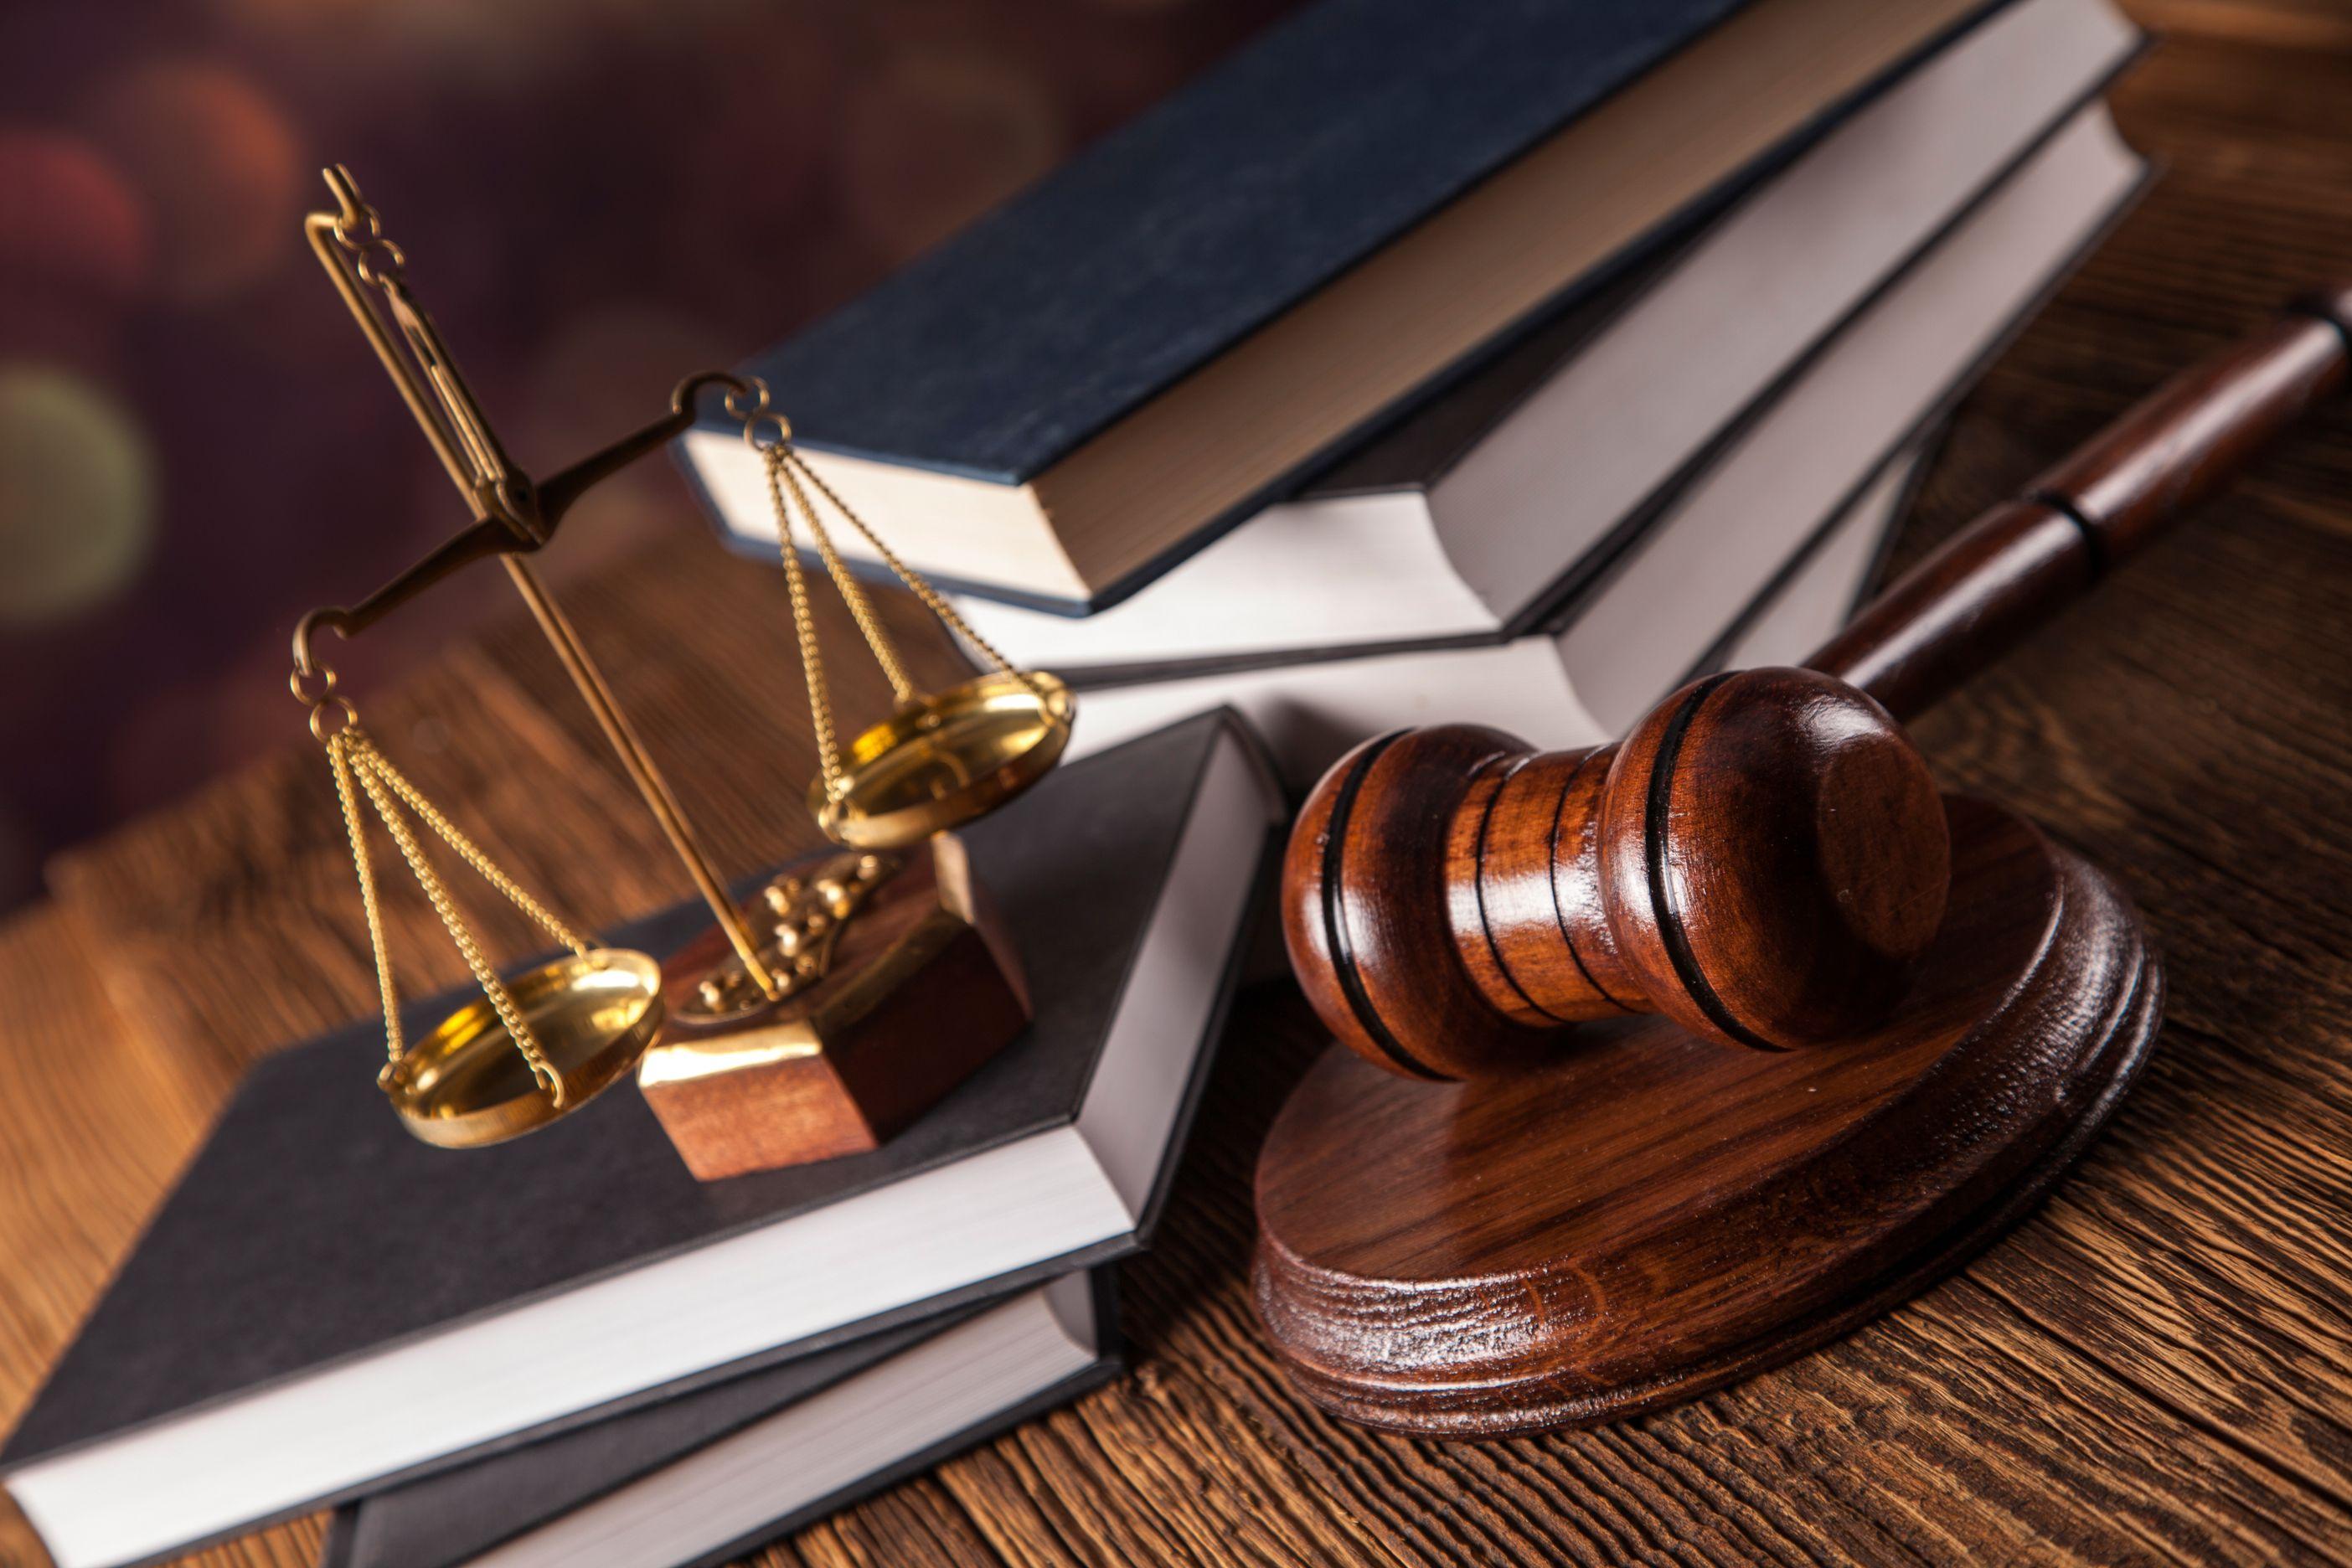 постановление пленума верховного суда рф от 05.06.2002 n 14.